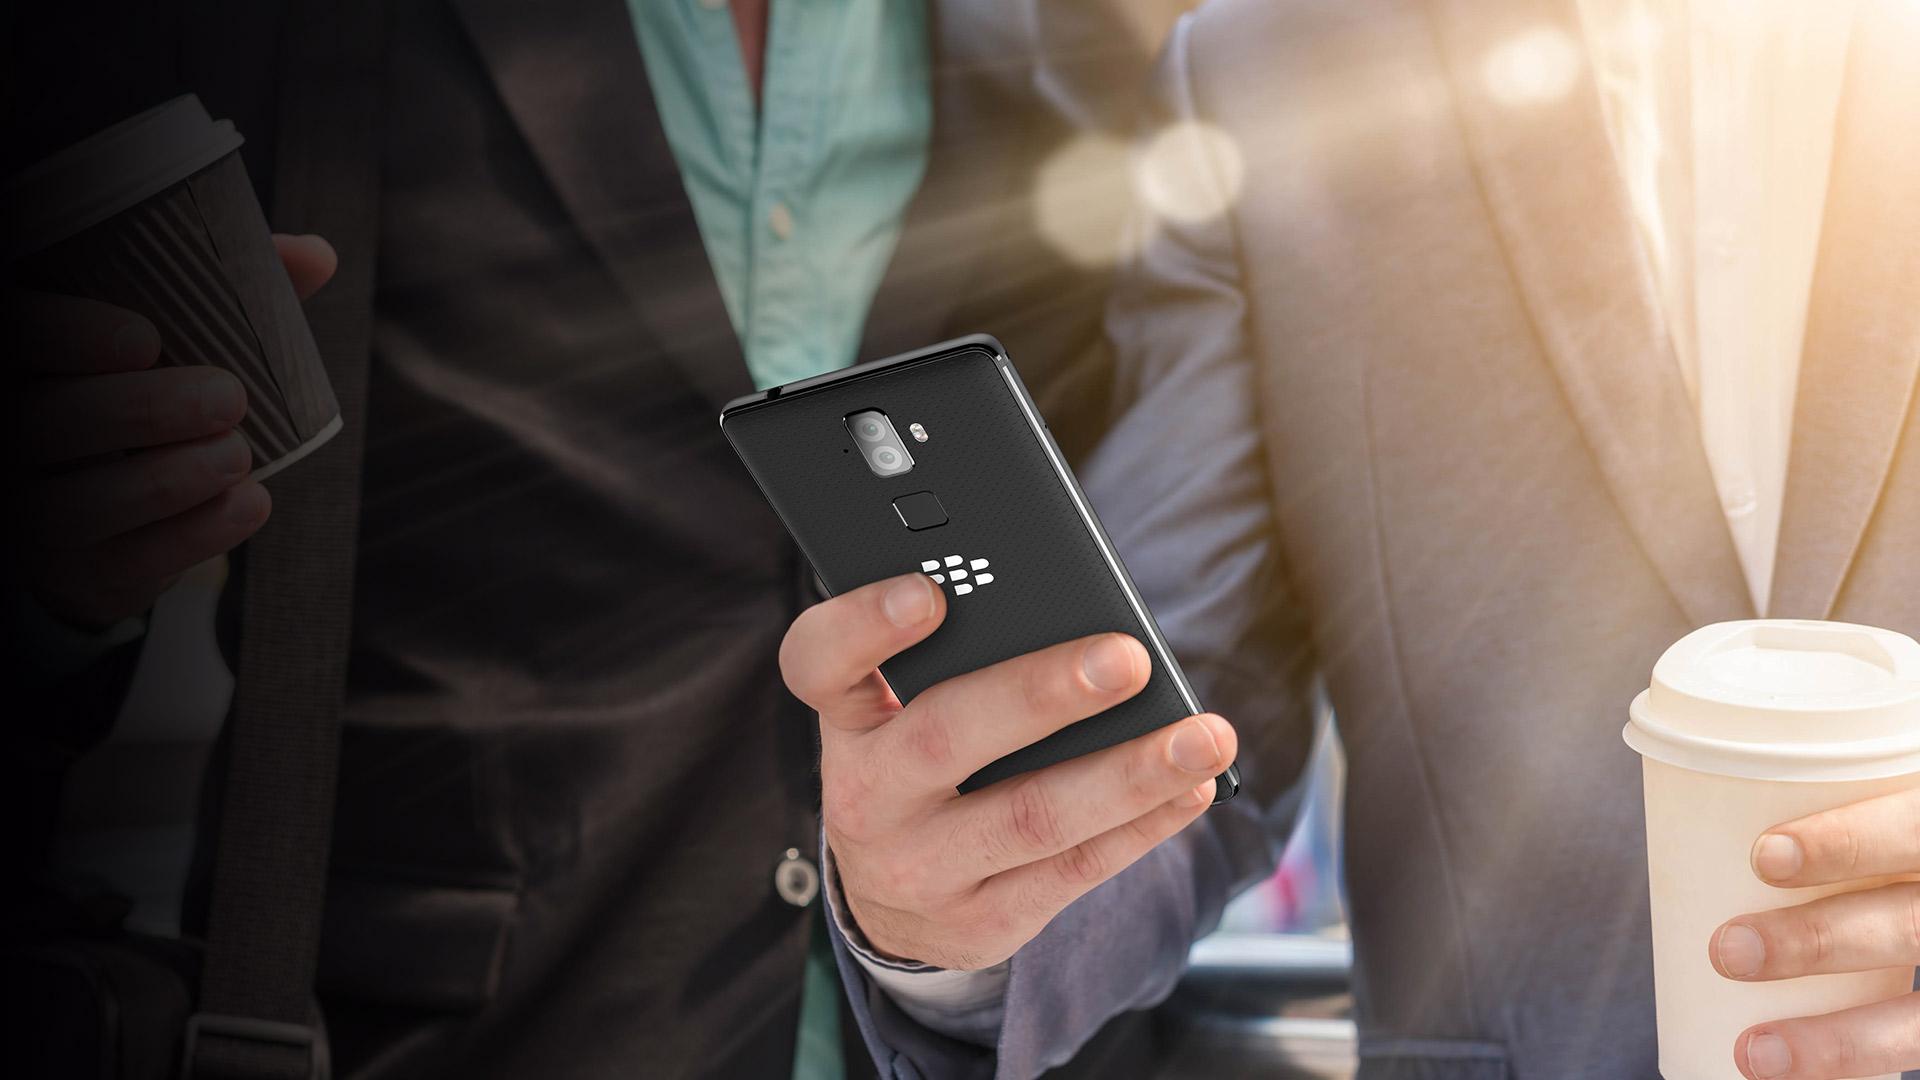 Самые безопасные месседжеры для BlackBerry